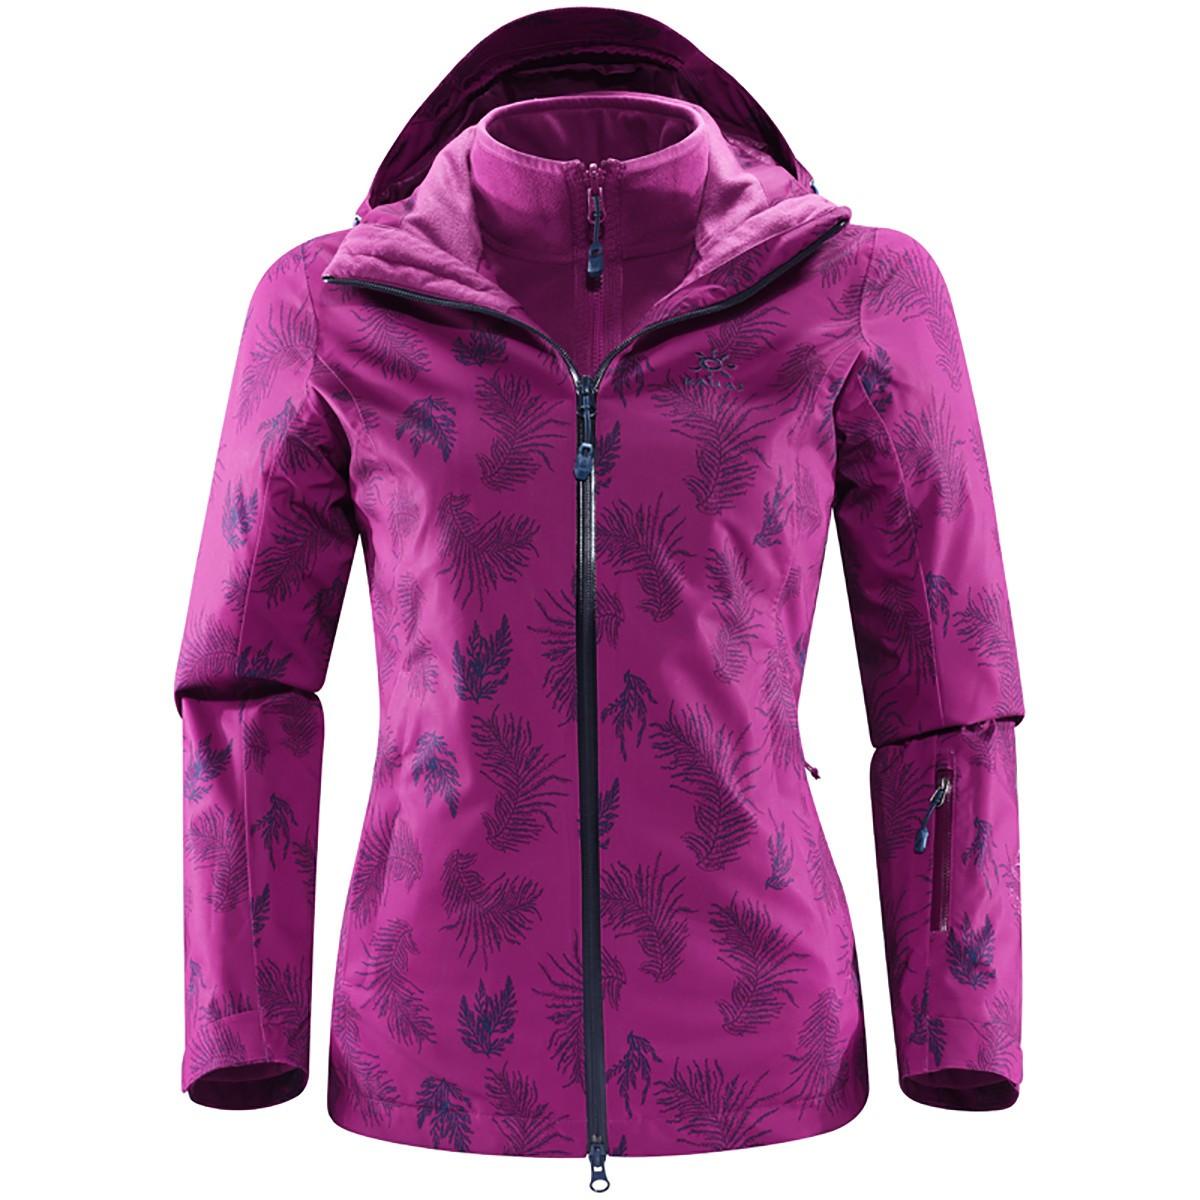 KAILAS 凯乐石 女士滑雪服 DG120020 紫叶 M